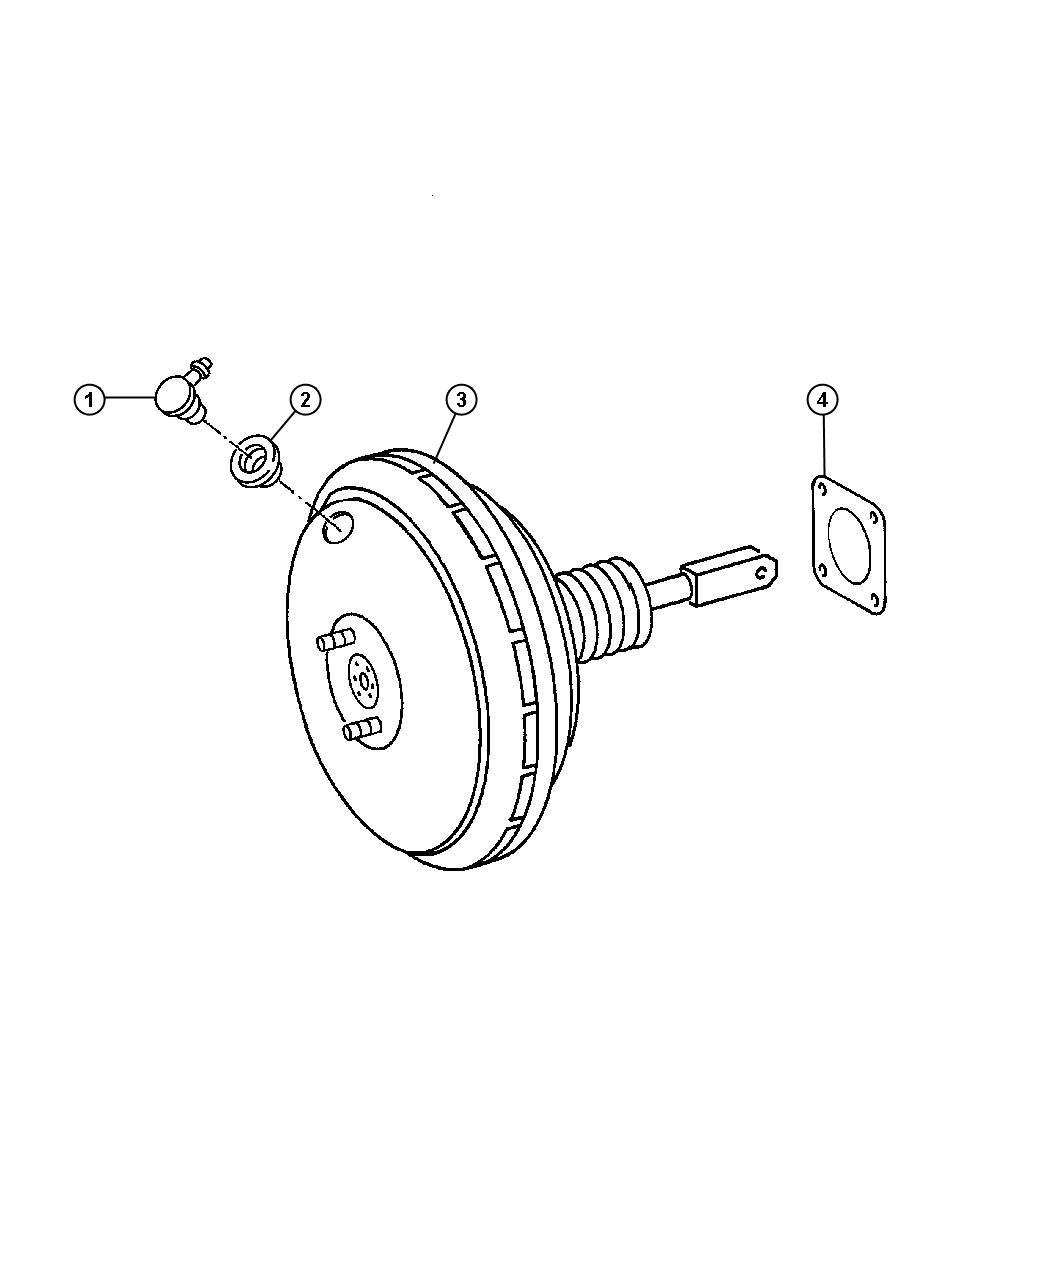 Dodge SPRINTER Valve. Brake booster check. Engine, diesel